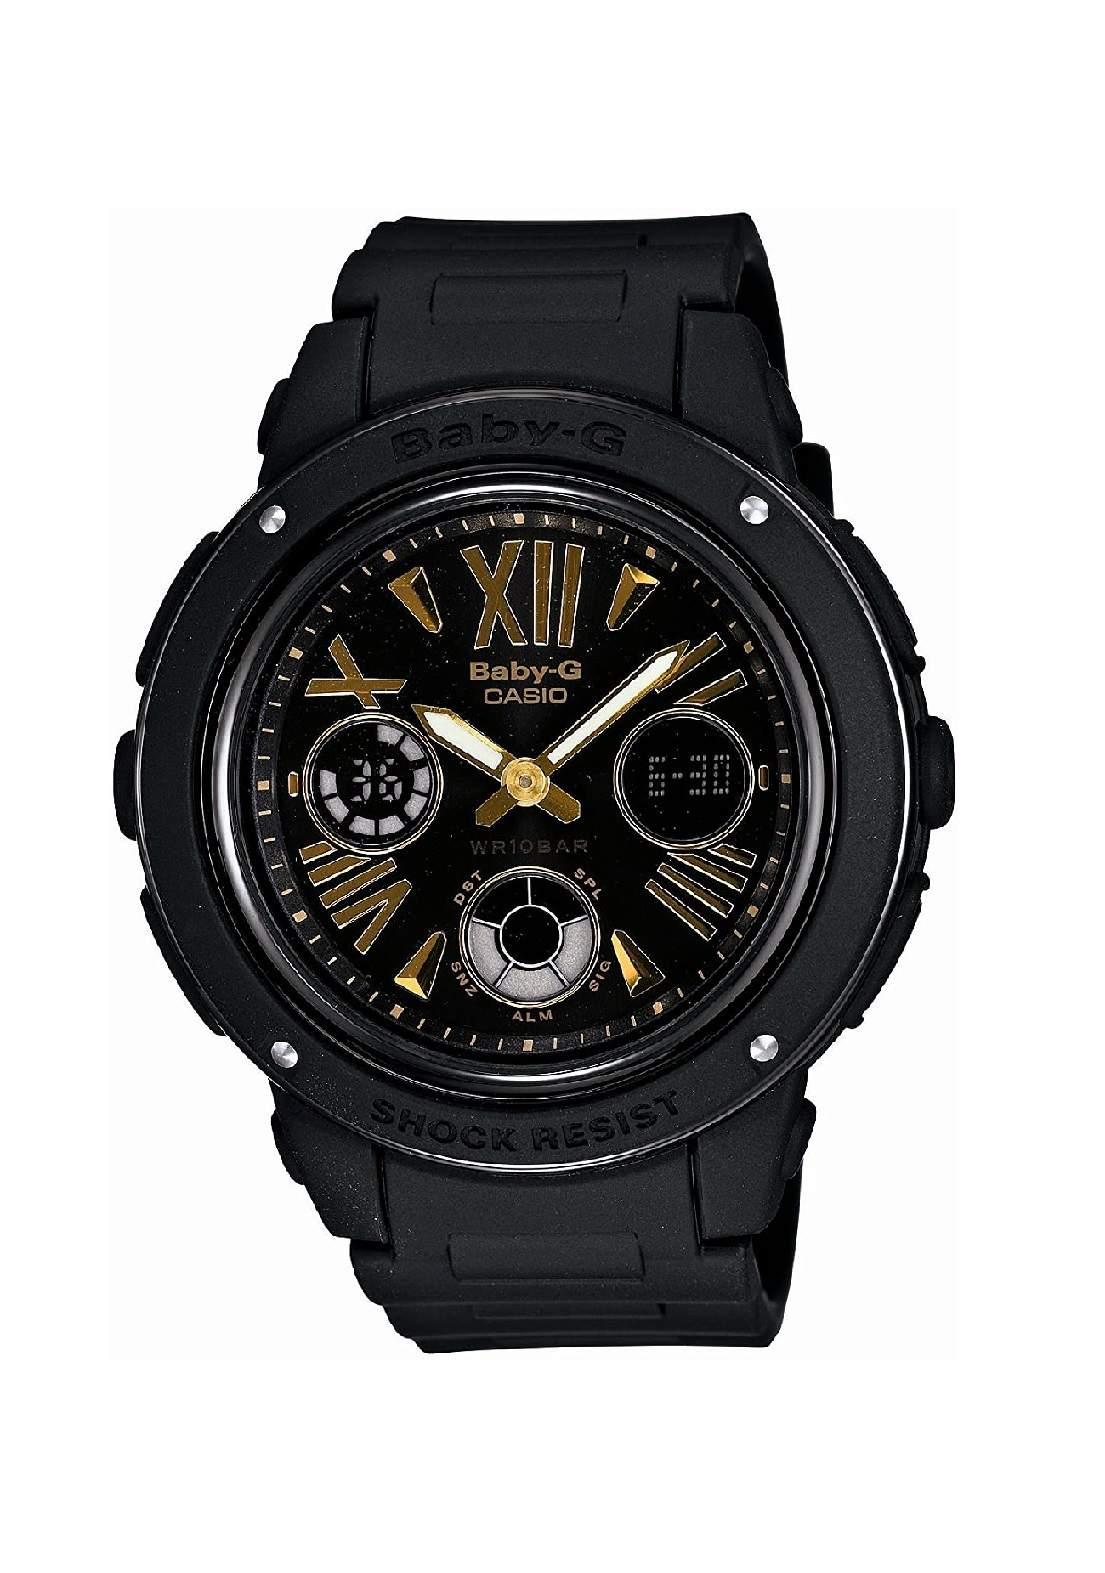 ساعة نسائية رياضية Casio BGA-153-1BSDR سوداء اللون